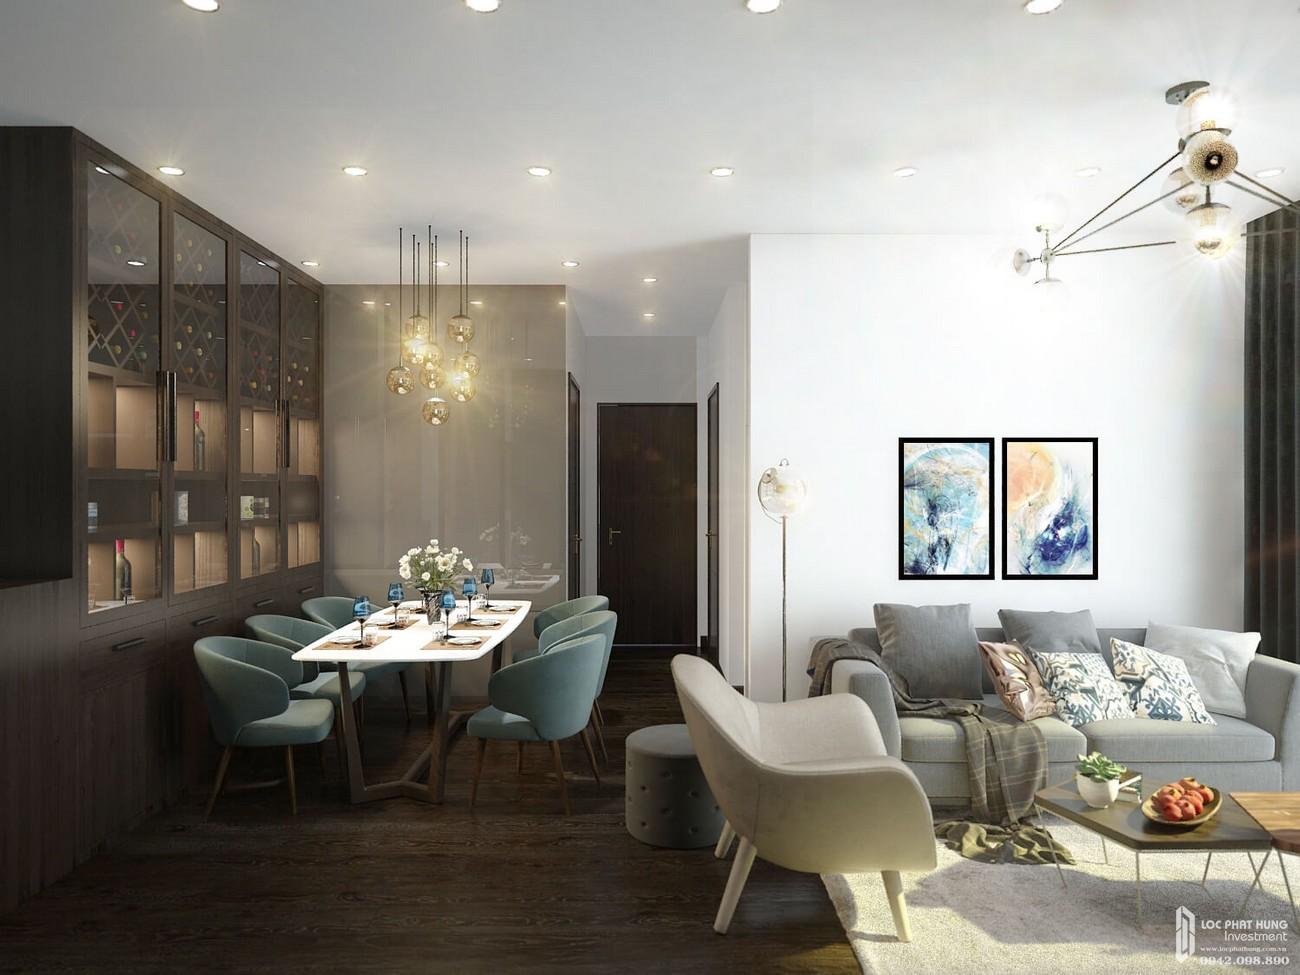 Toilet căn hộ Opal Skyline Bình Dương Đường Nguyễn Văn Tiết chủ đầu tư Đất Xanh Group